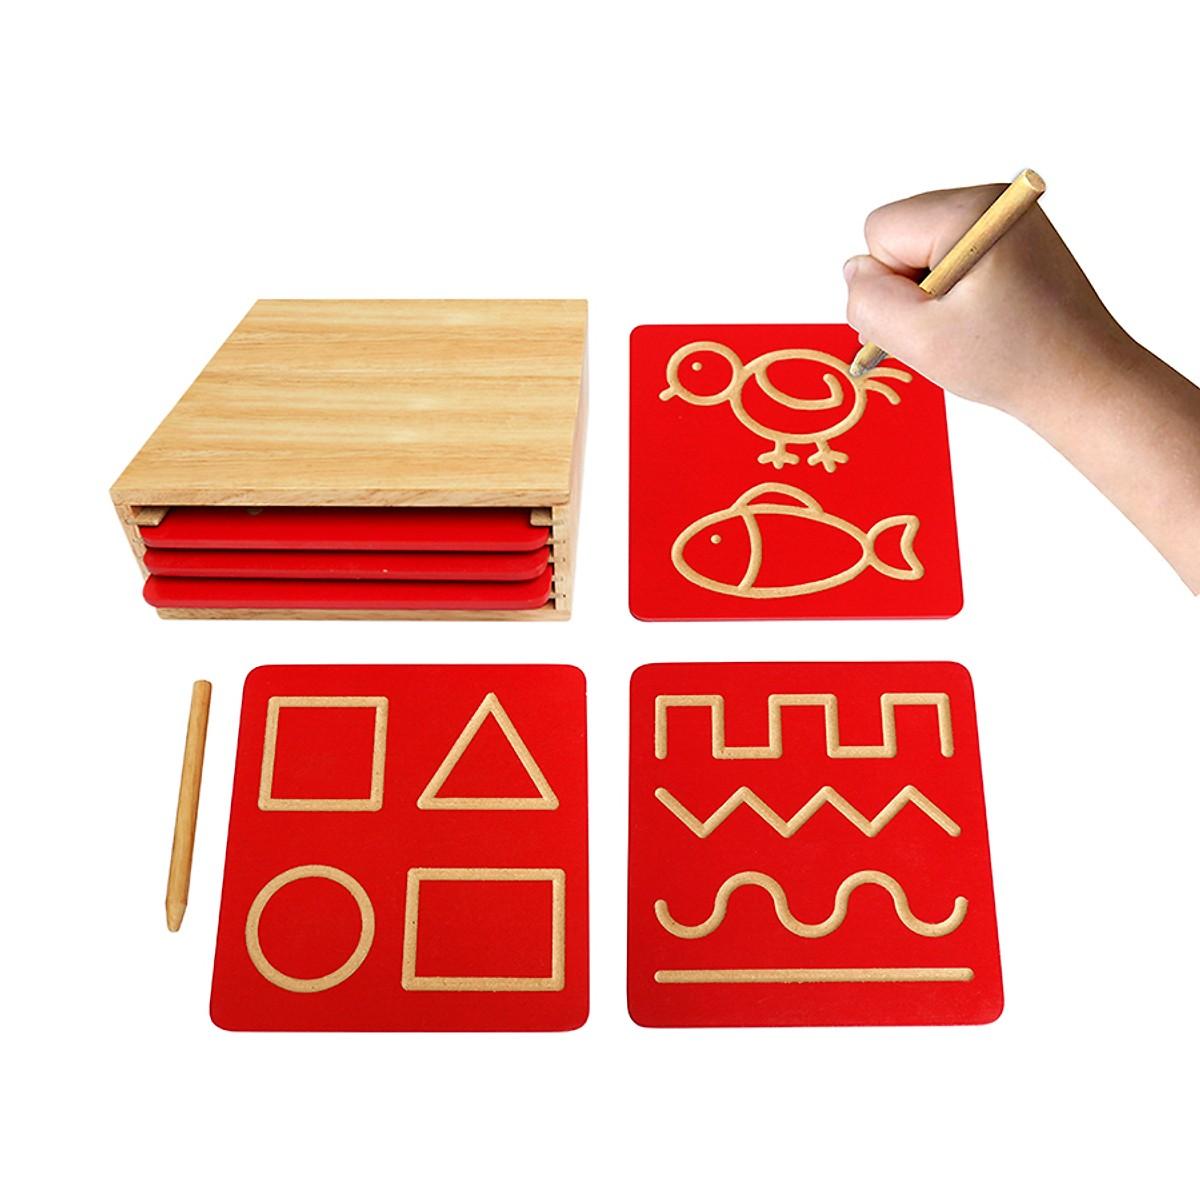 Bộ Luyện Nét Cơ Bản 1 Mk - Đồ chơi gỗ